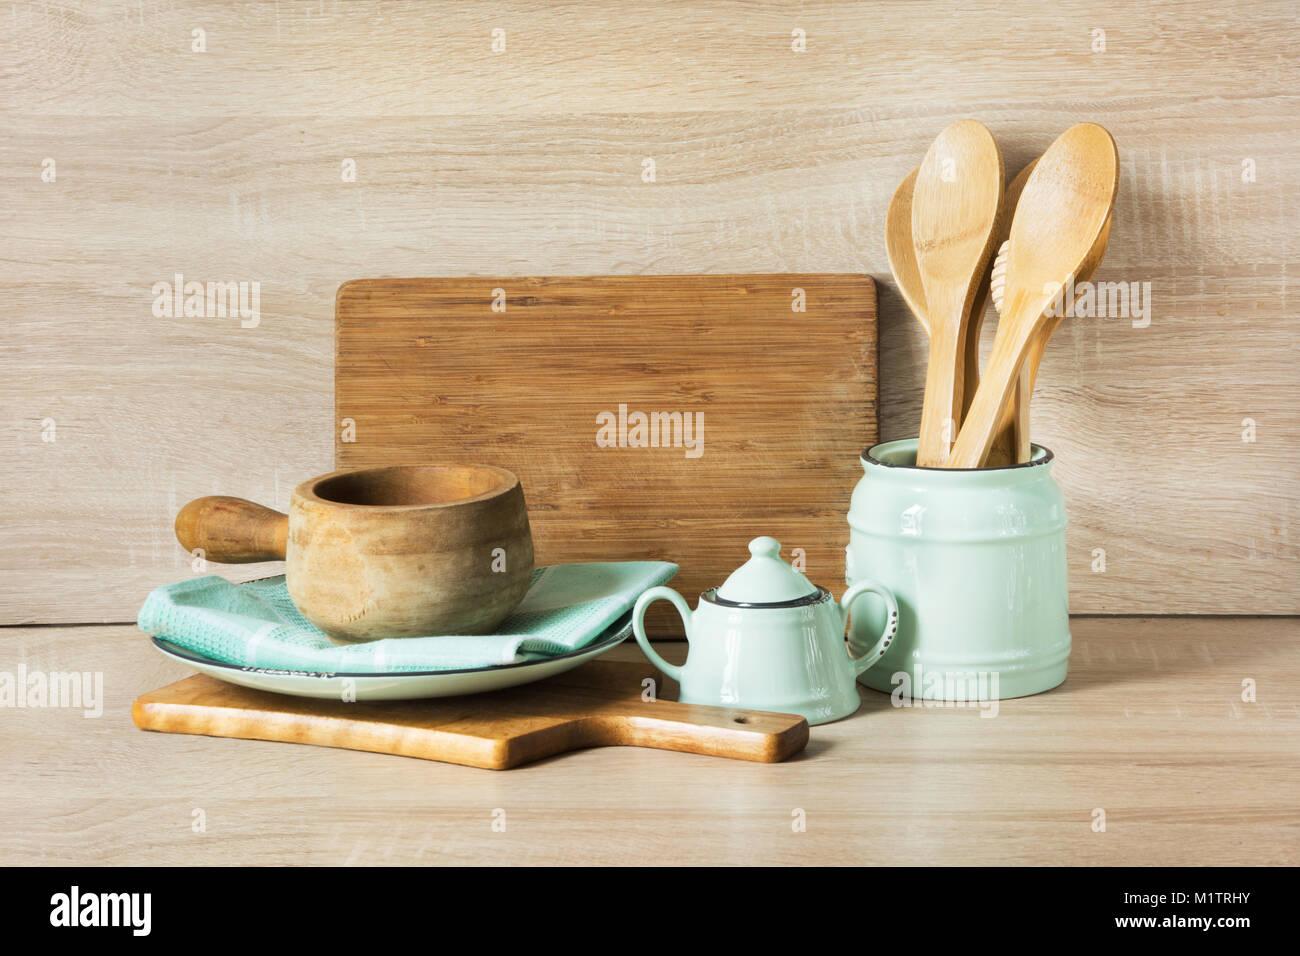 holz rustikal und vintage geschirr geschirr besteck und material auf h lzernen tisch k che. Black Bedroom Furniture Sets. Home Design Ideas